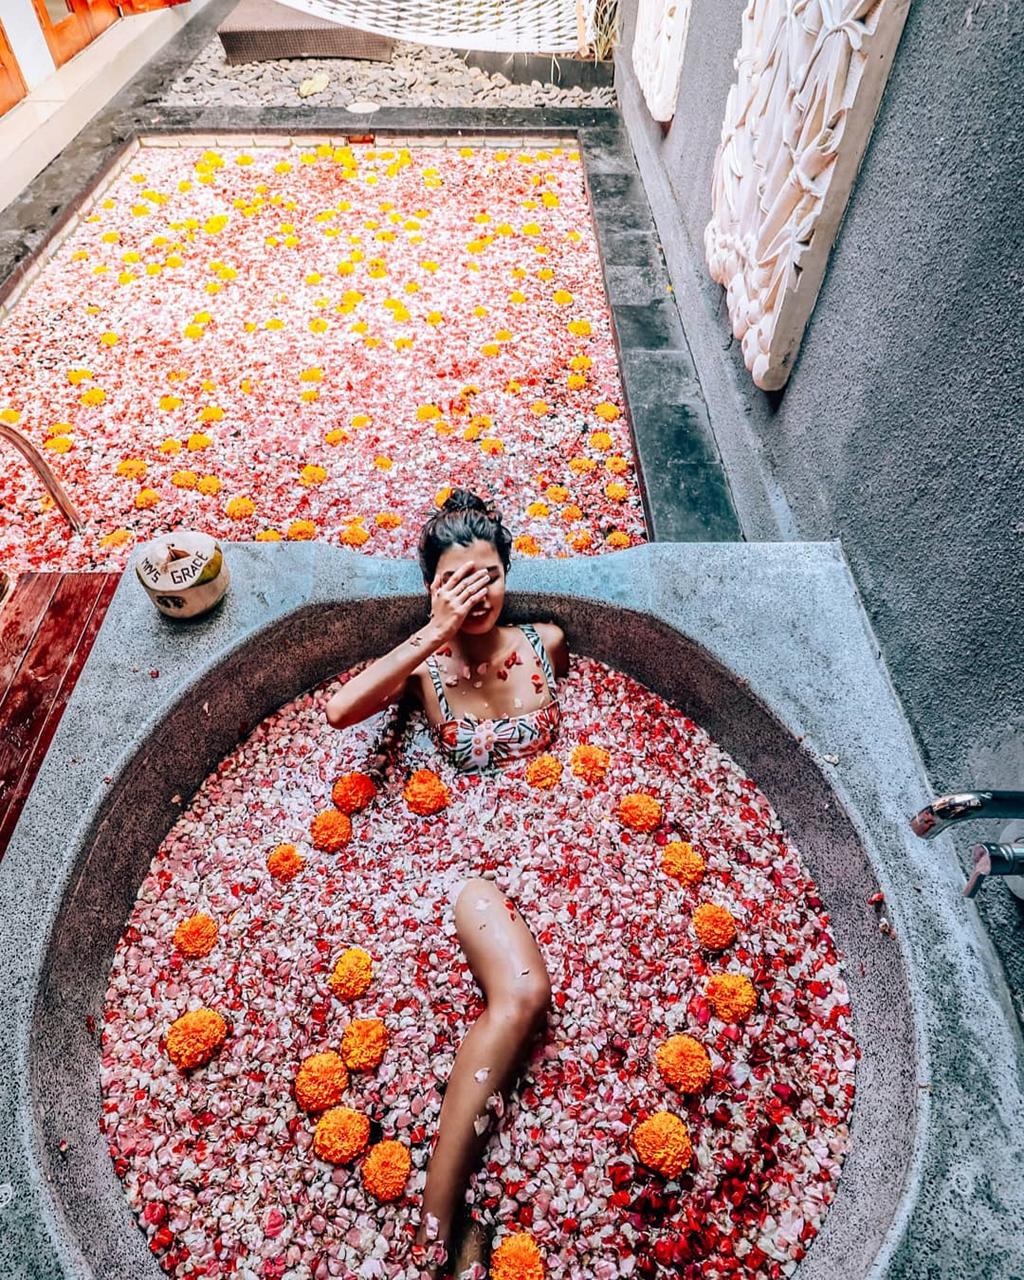 Thu gian trong bon tam day hoa o dao du lich Bali hinh anh 12